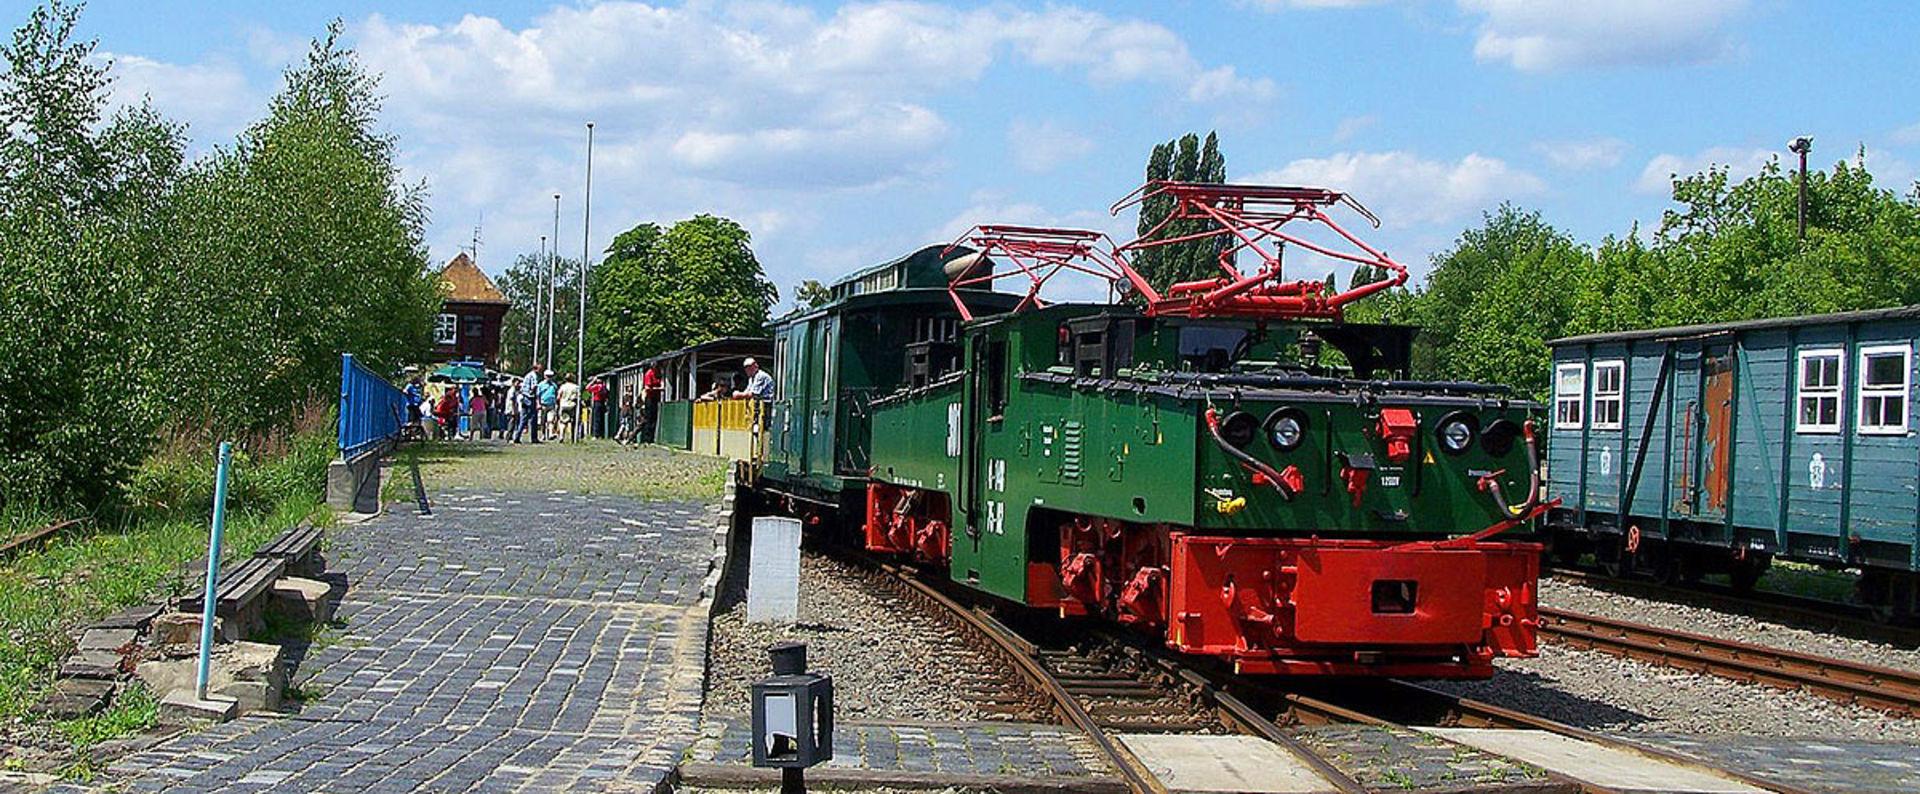 E-Lok Zug der Kohlebahn am Bahnhsteig in Meuselwitz.  © Pressebild Verein Kohlebahnen Meuselwitz e .V.